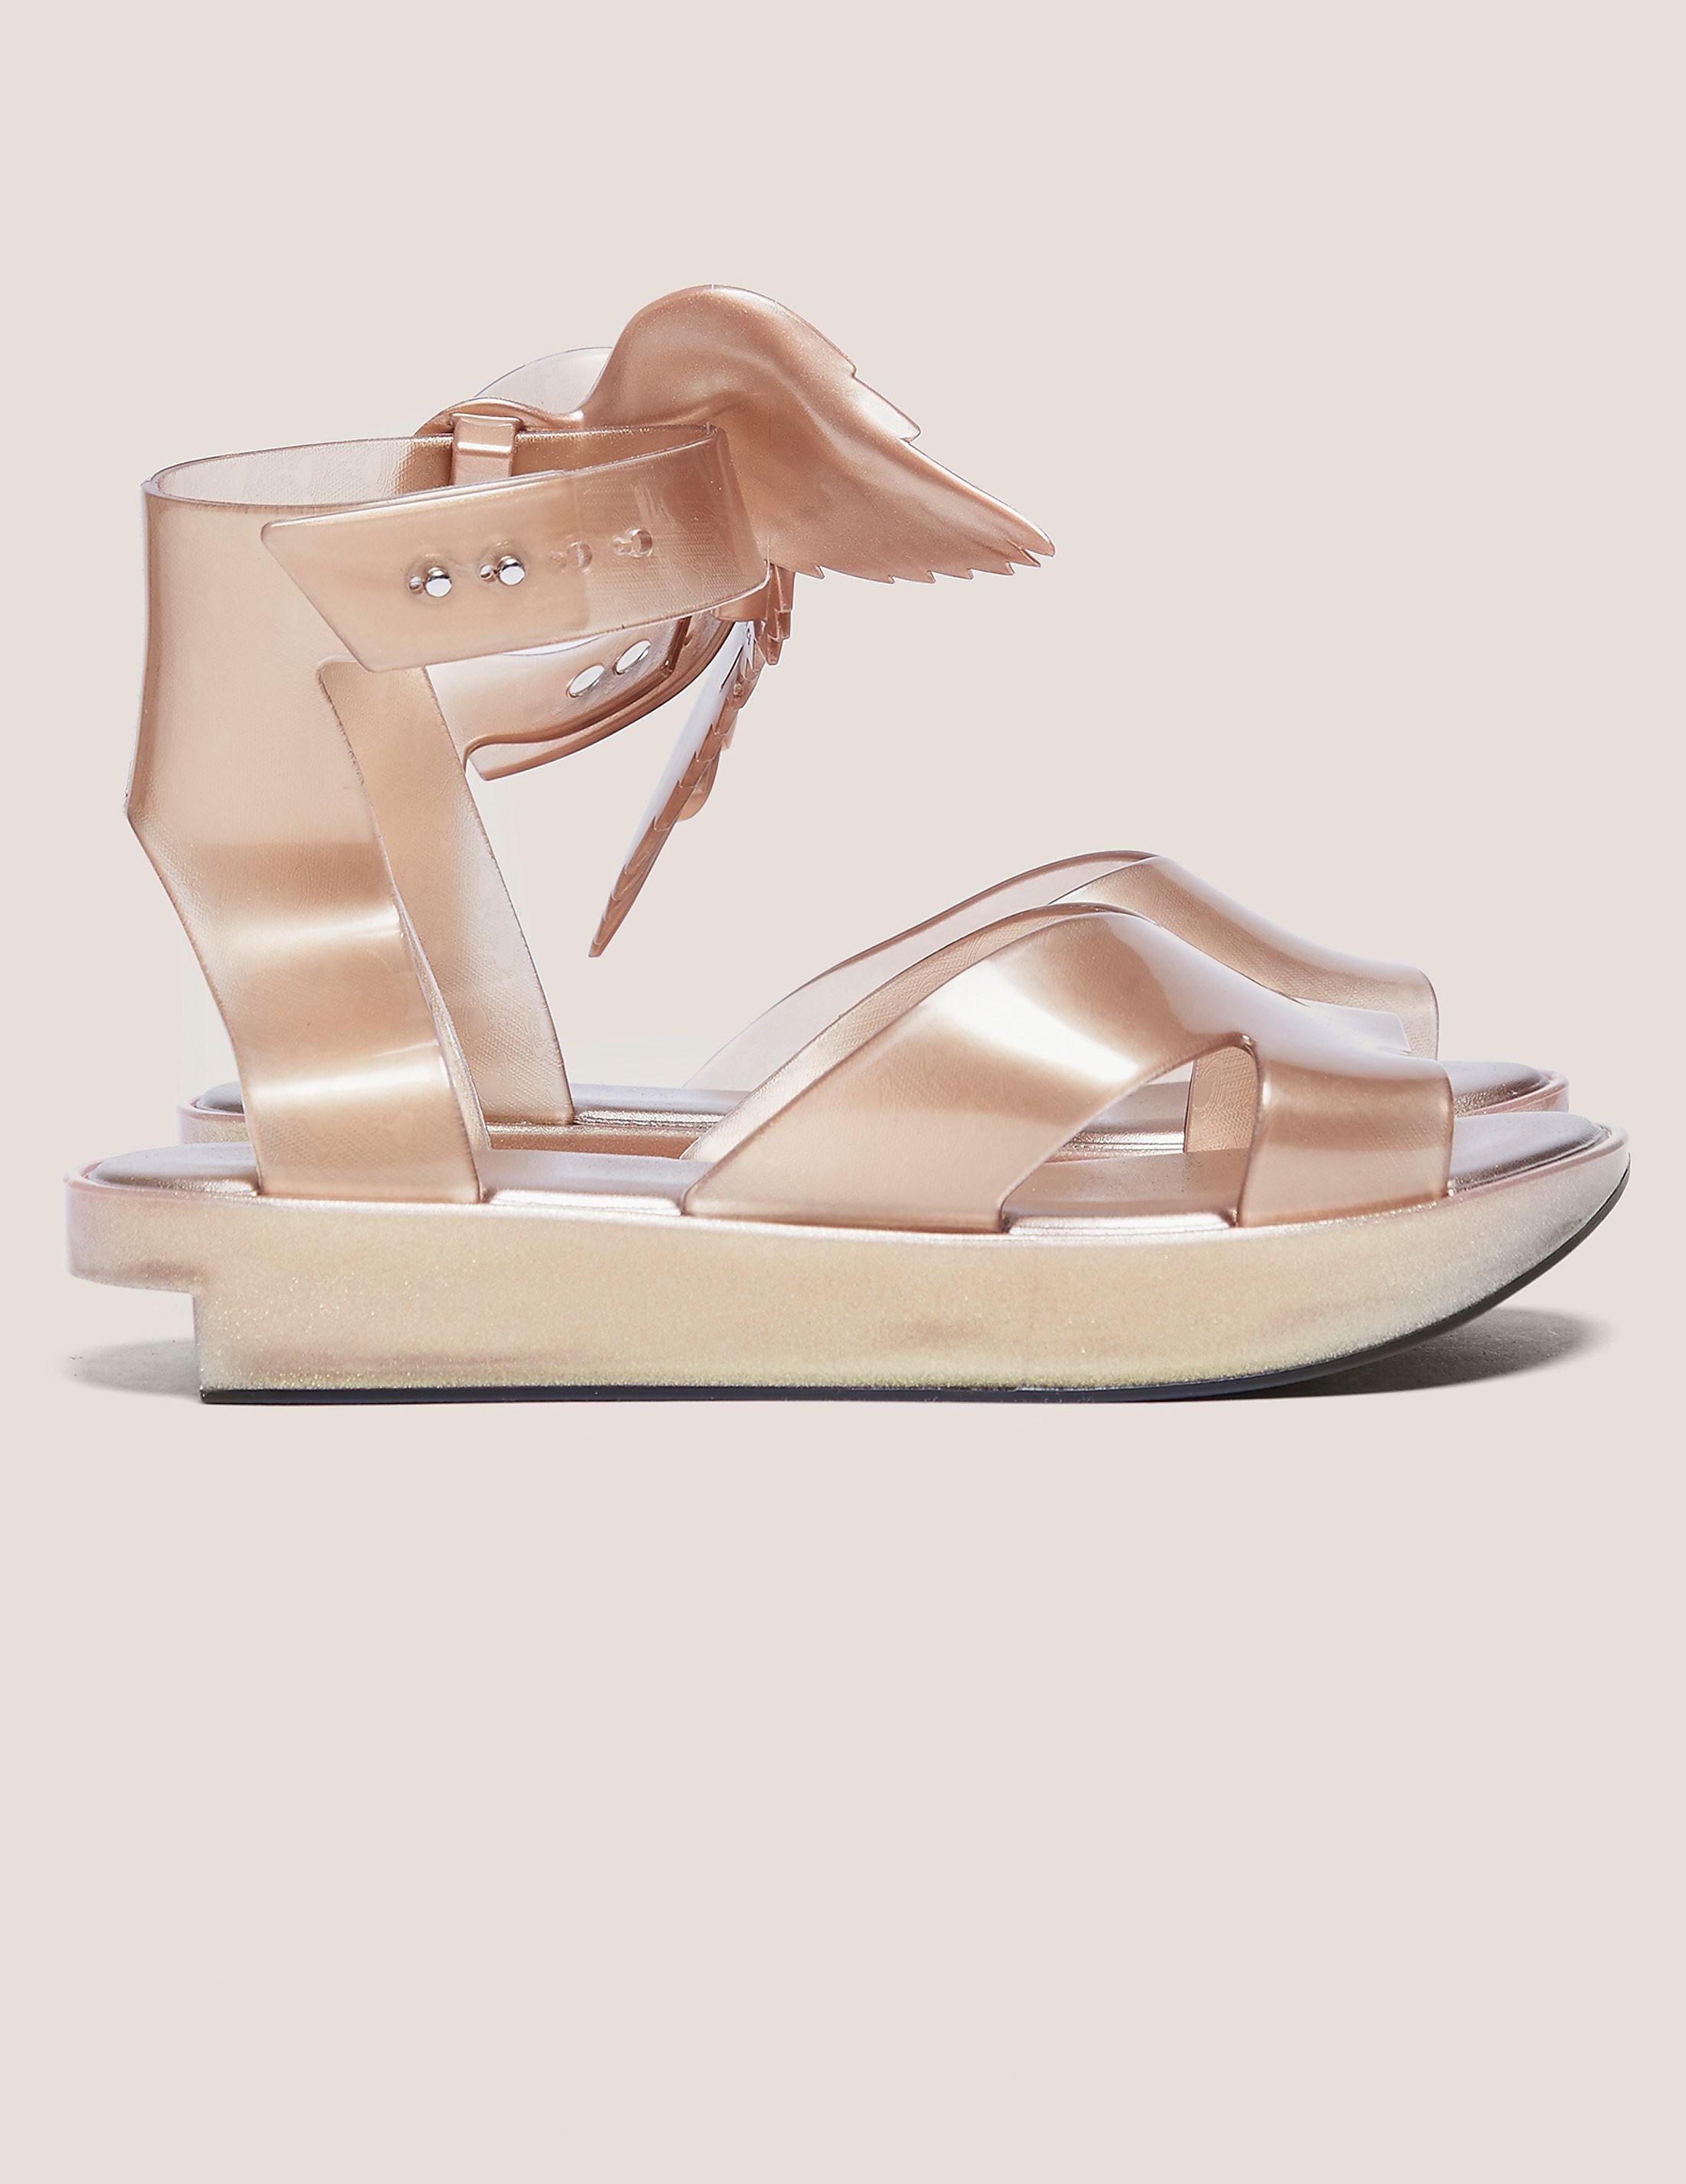 Melissa x Vivienne Westwood Rocking Horse Sandals